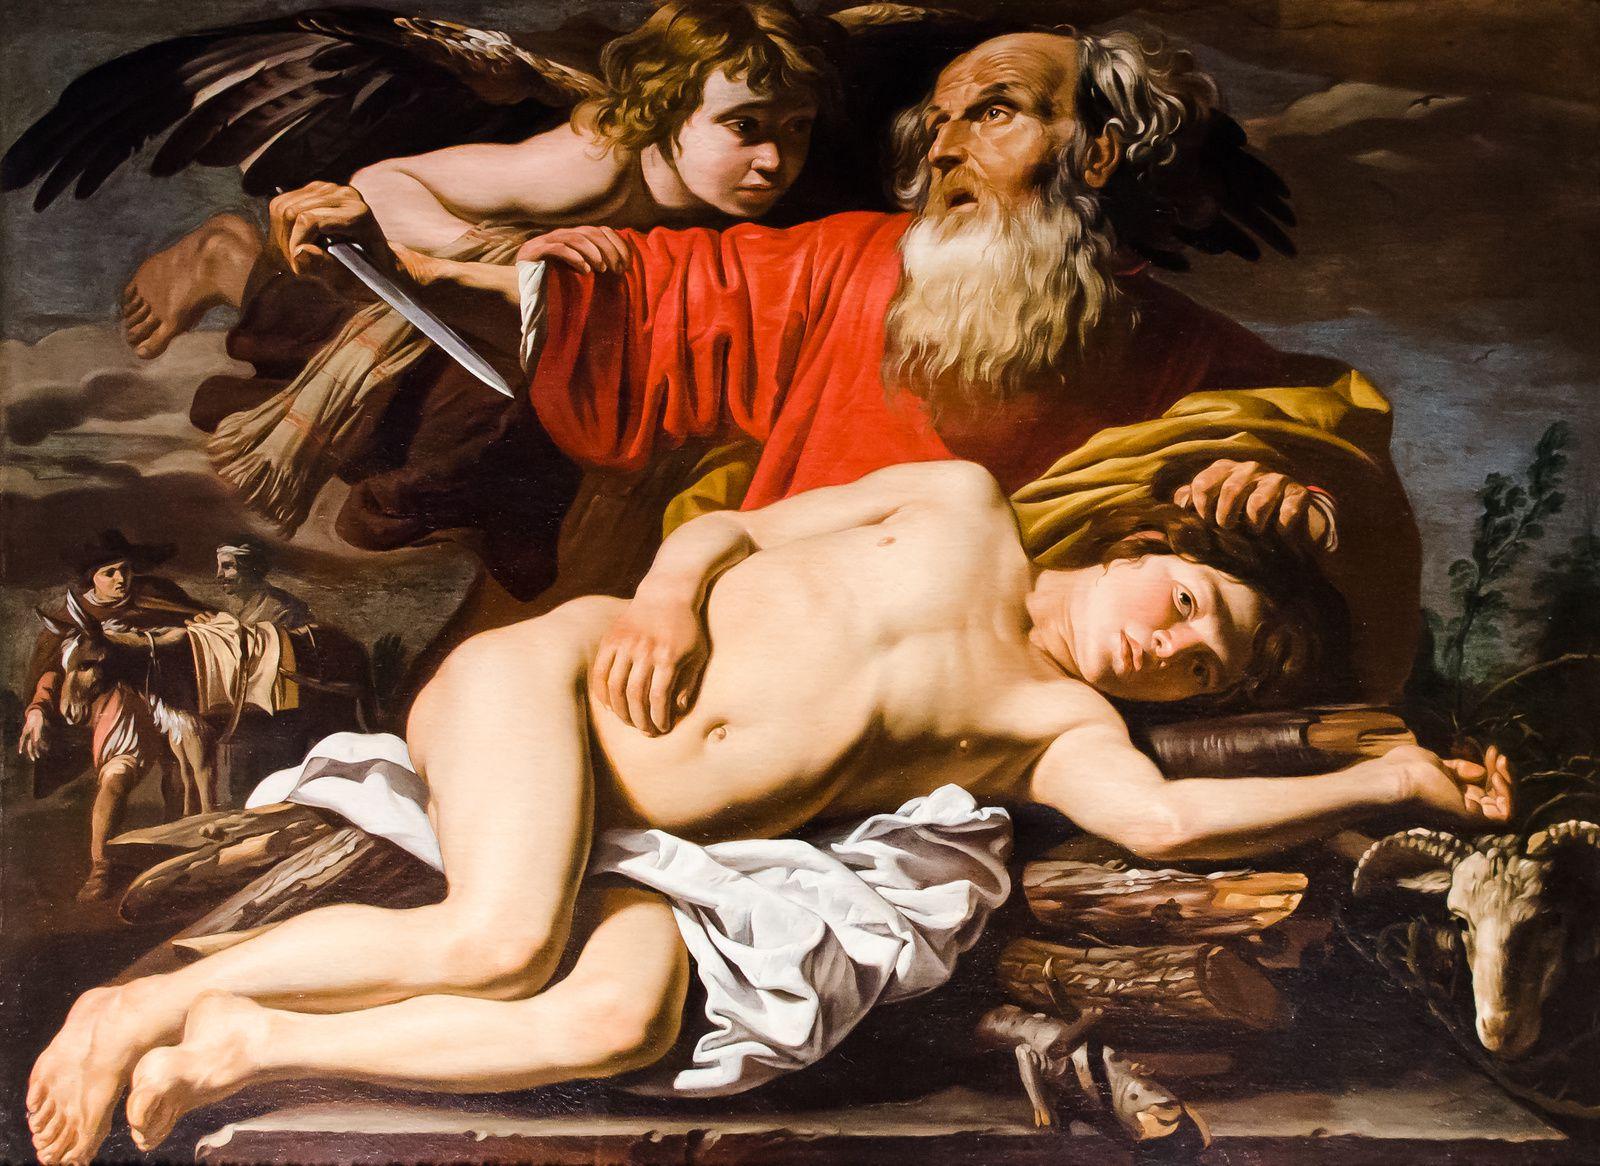 Le Sacrifice d'Isaac de Matthias Stom (1589-1650),  huile sur toile, Musée Fesch, Ajaccio, France.